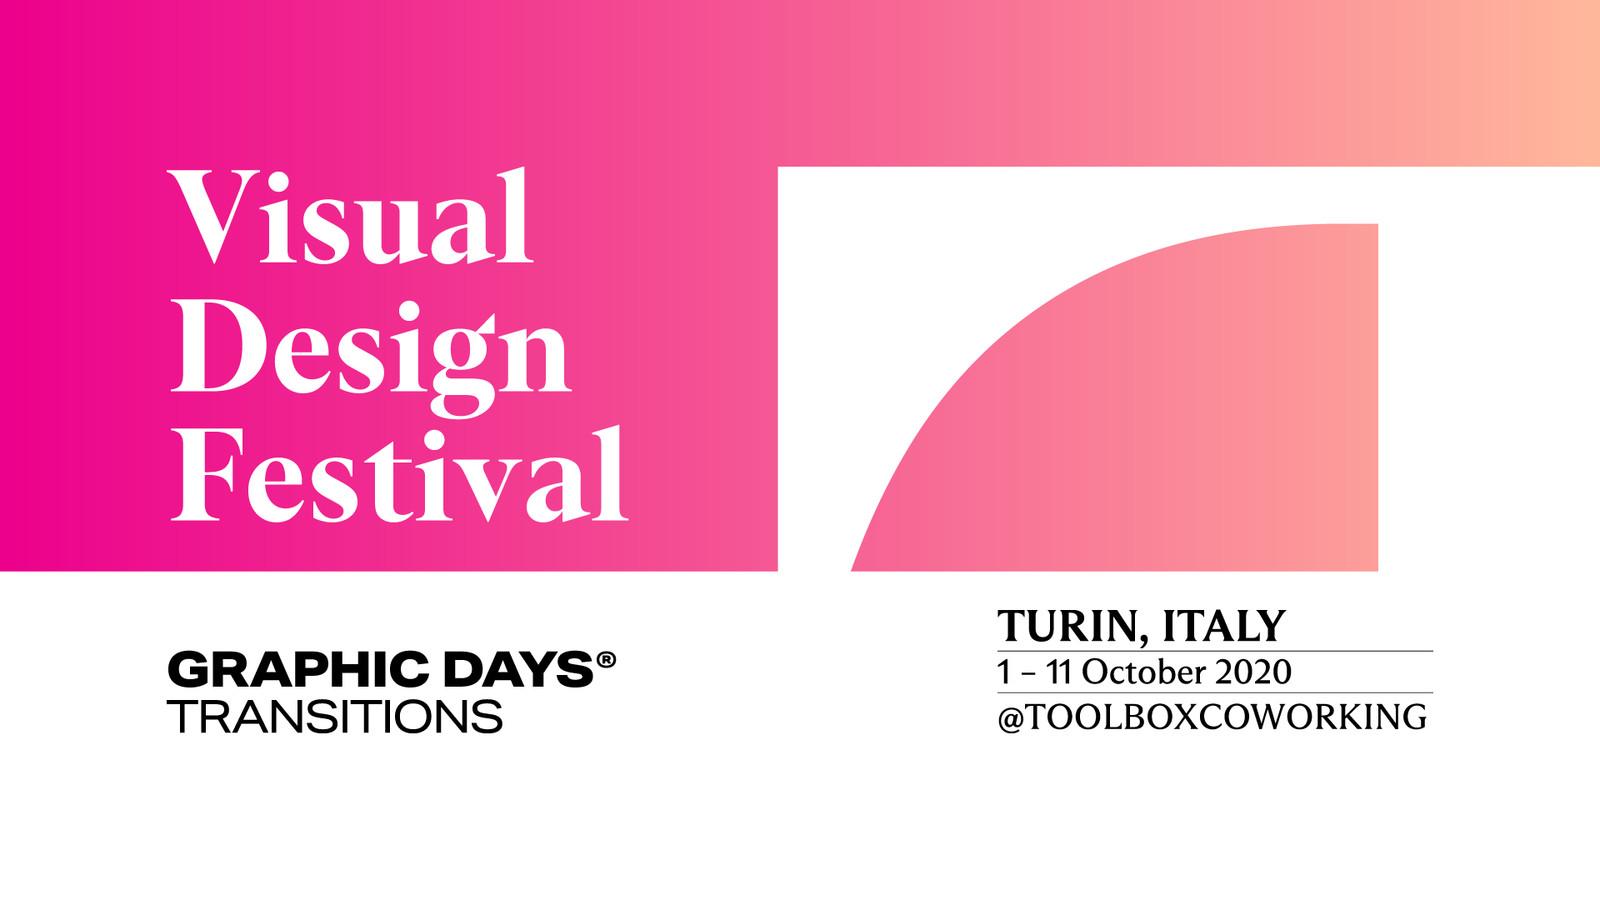 torino graphic days 2020 GD3